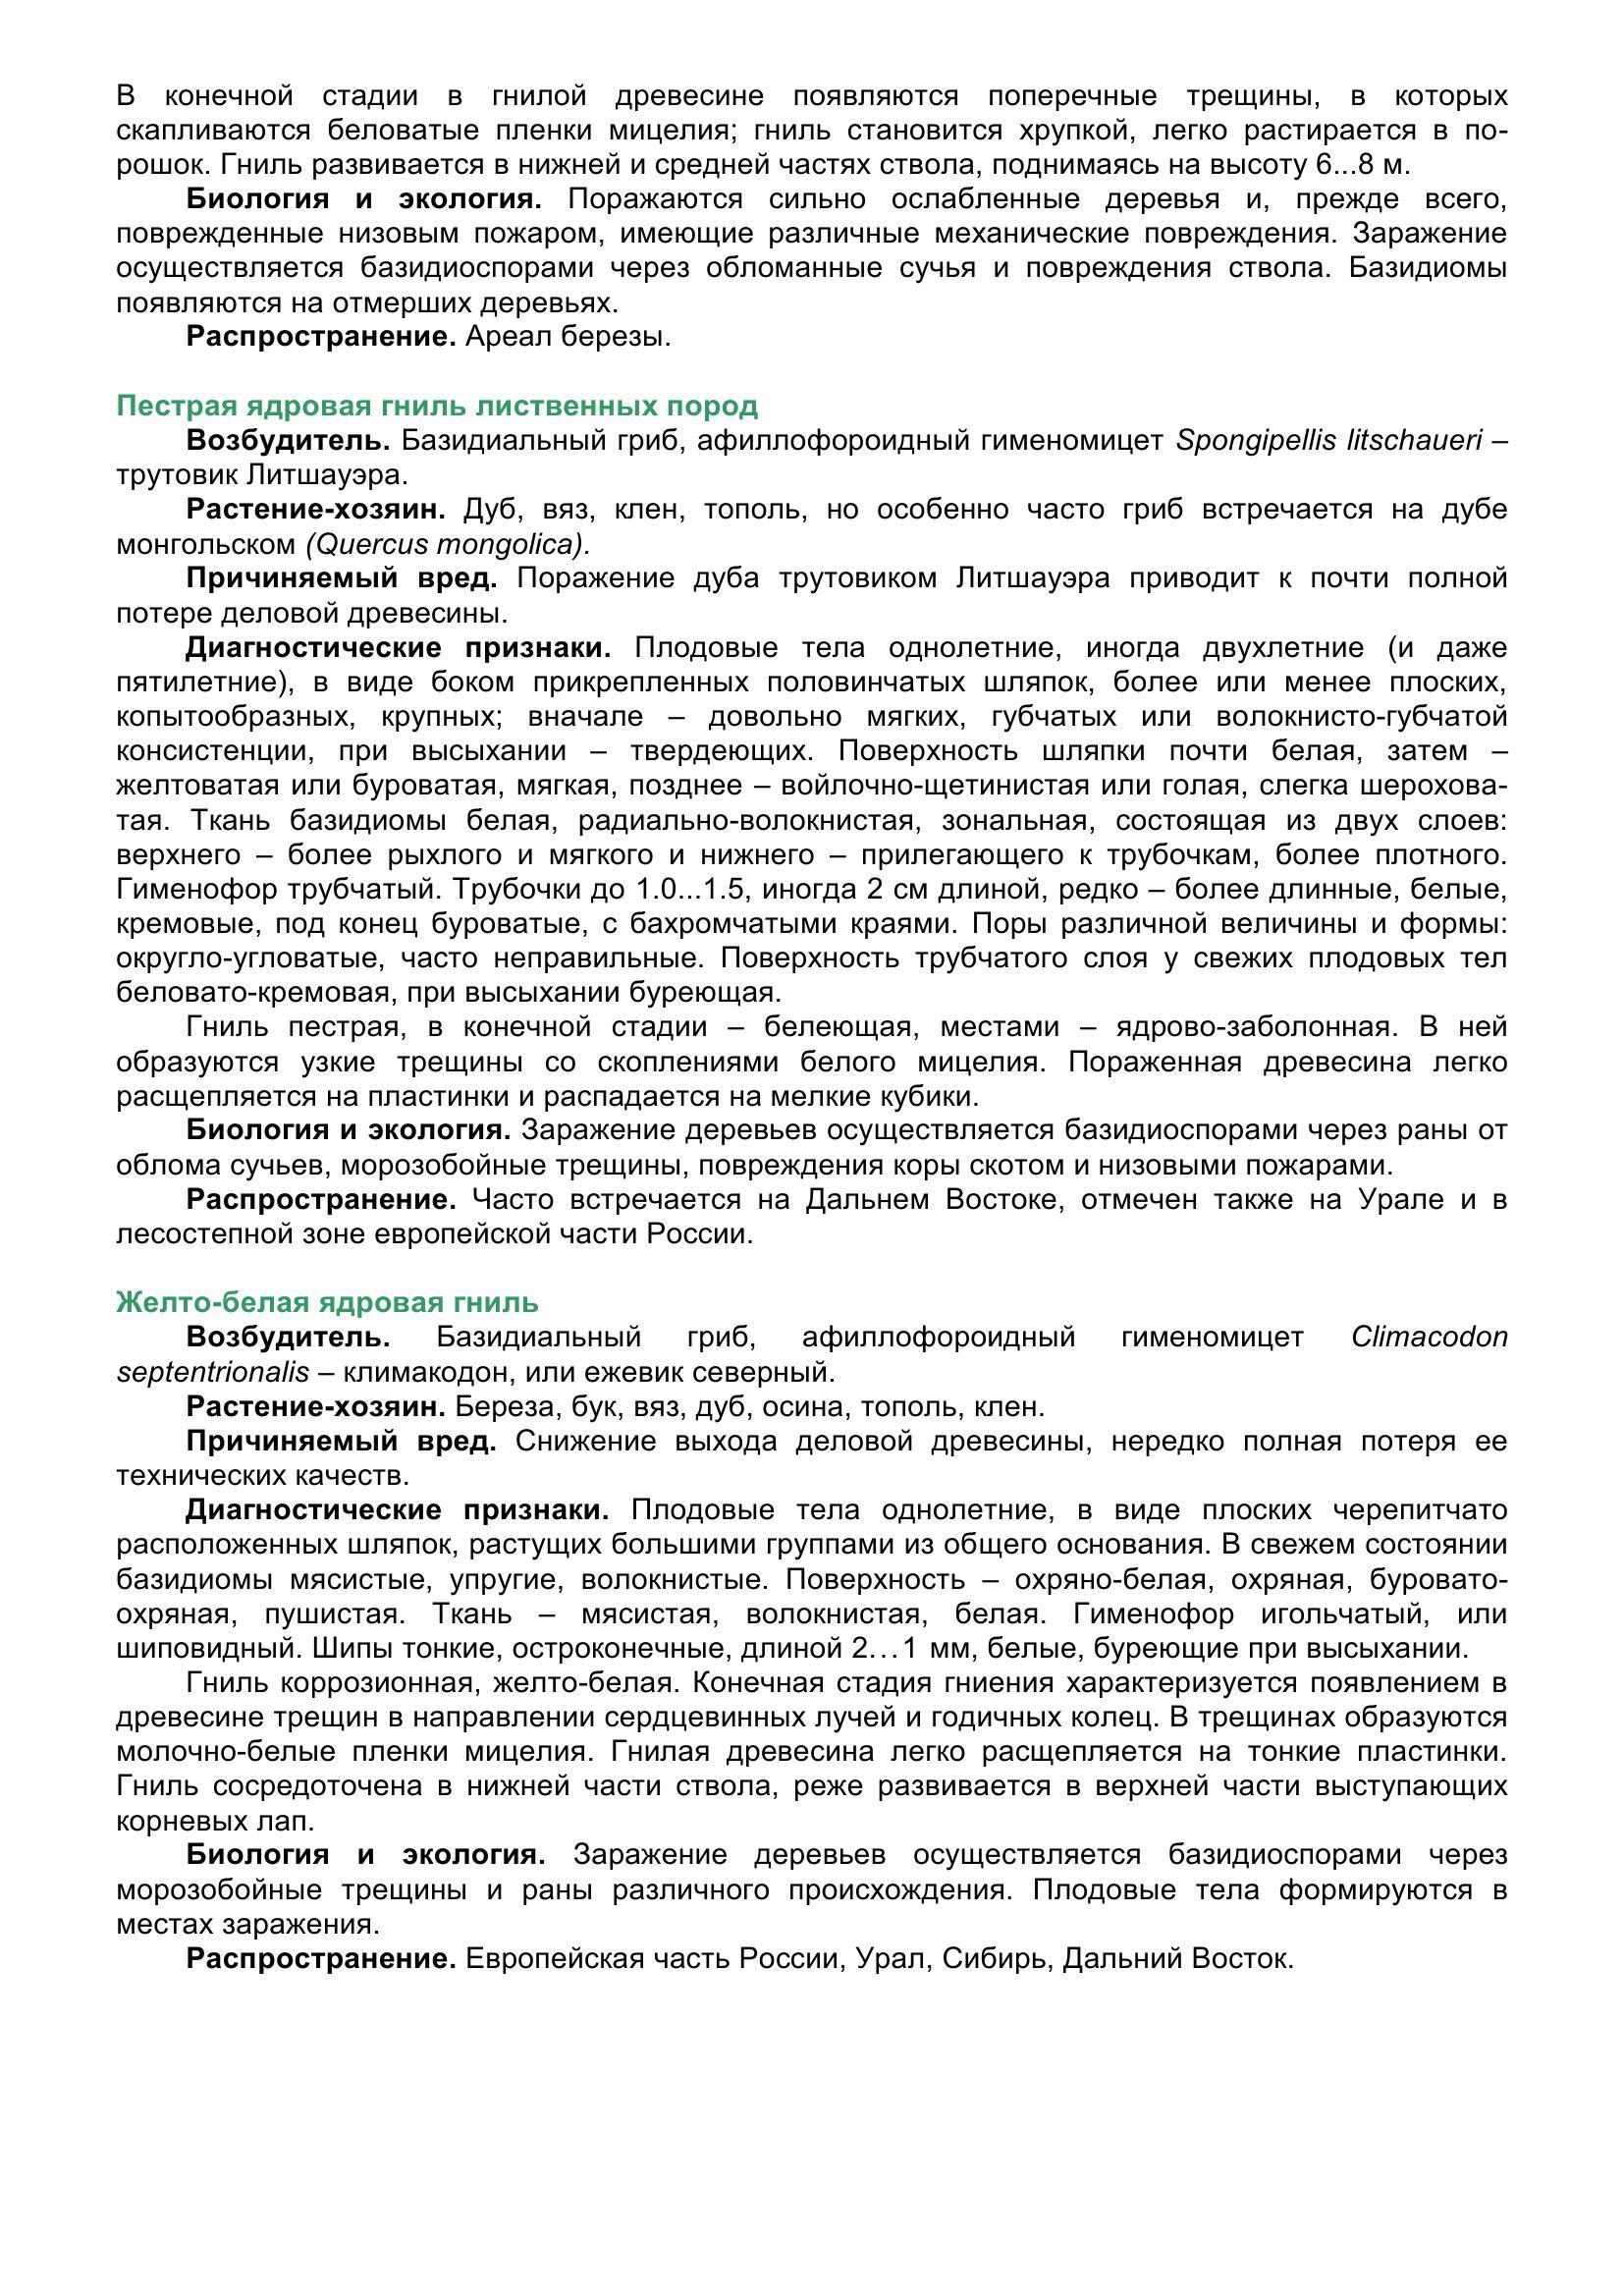 Болезни_древесных_растений_103.jpg